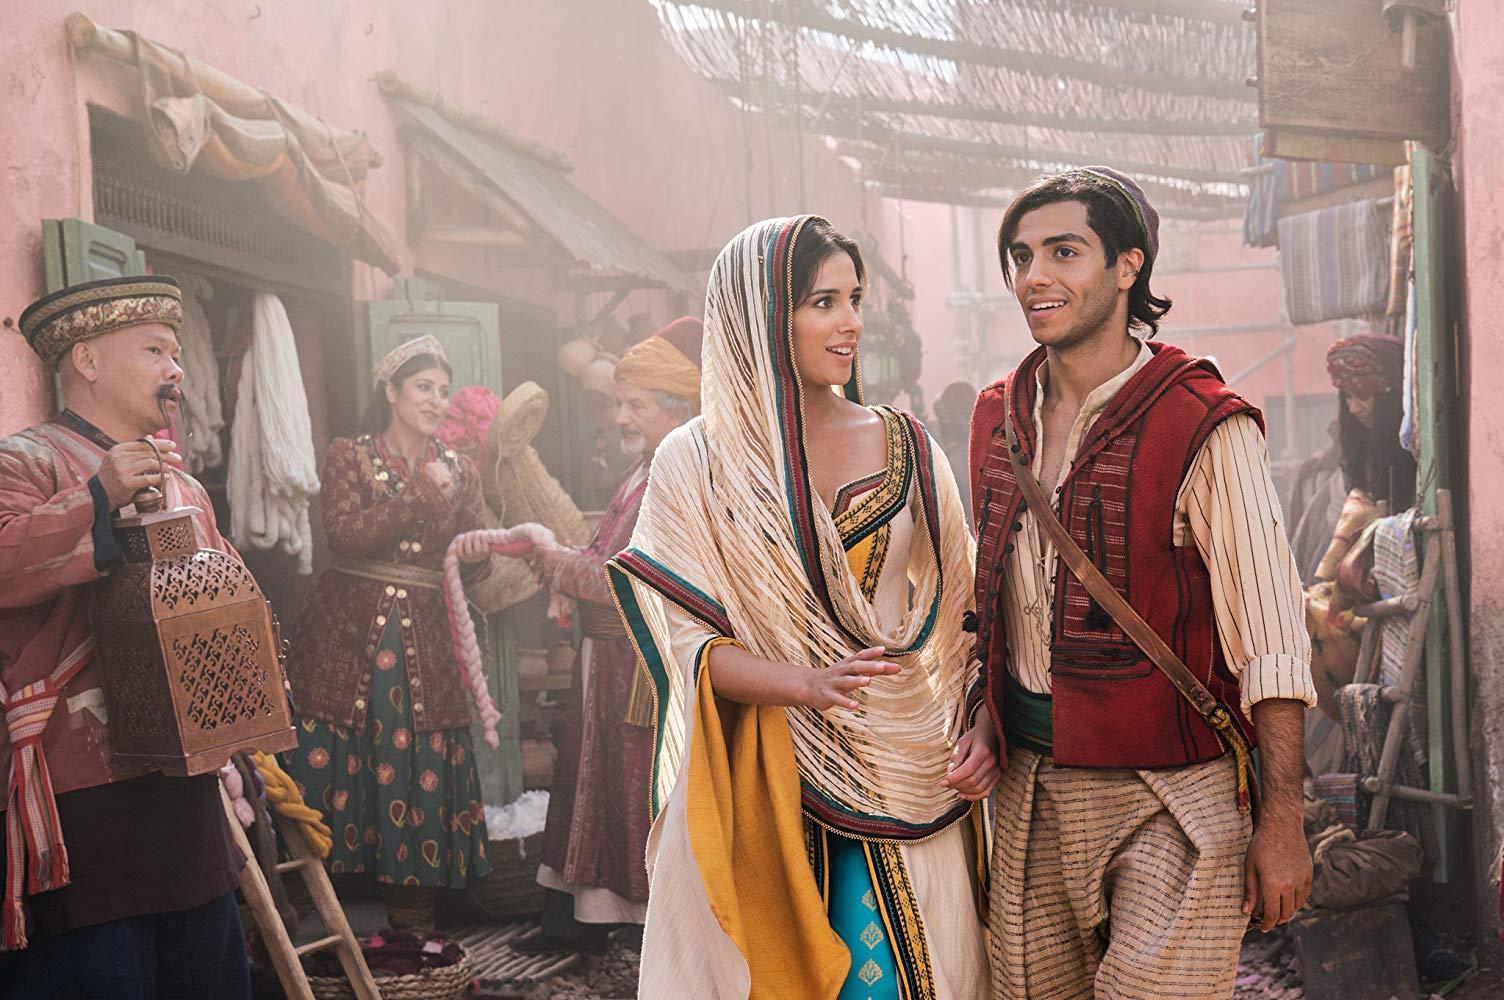 Aladdin e Jasmine non sono male, al netto dell'effetto cosplay.